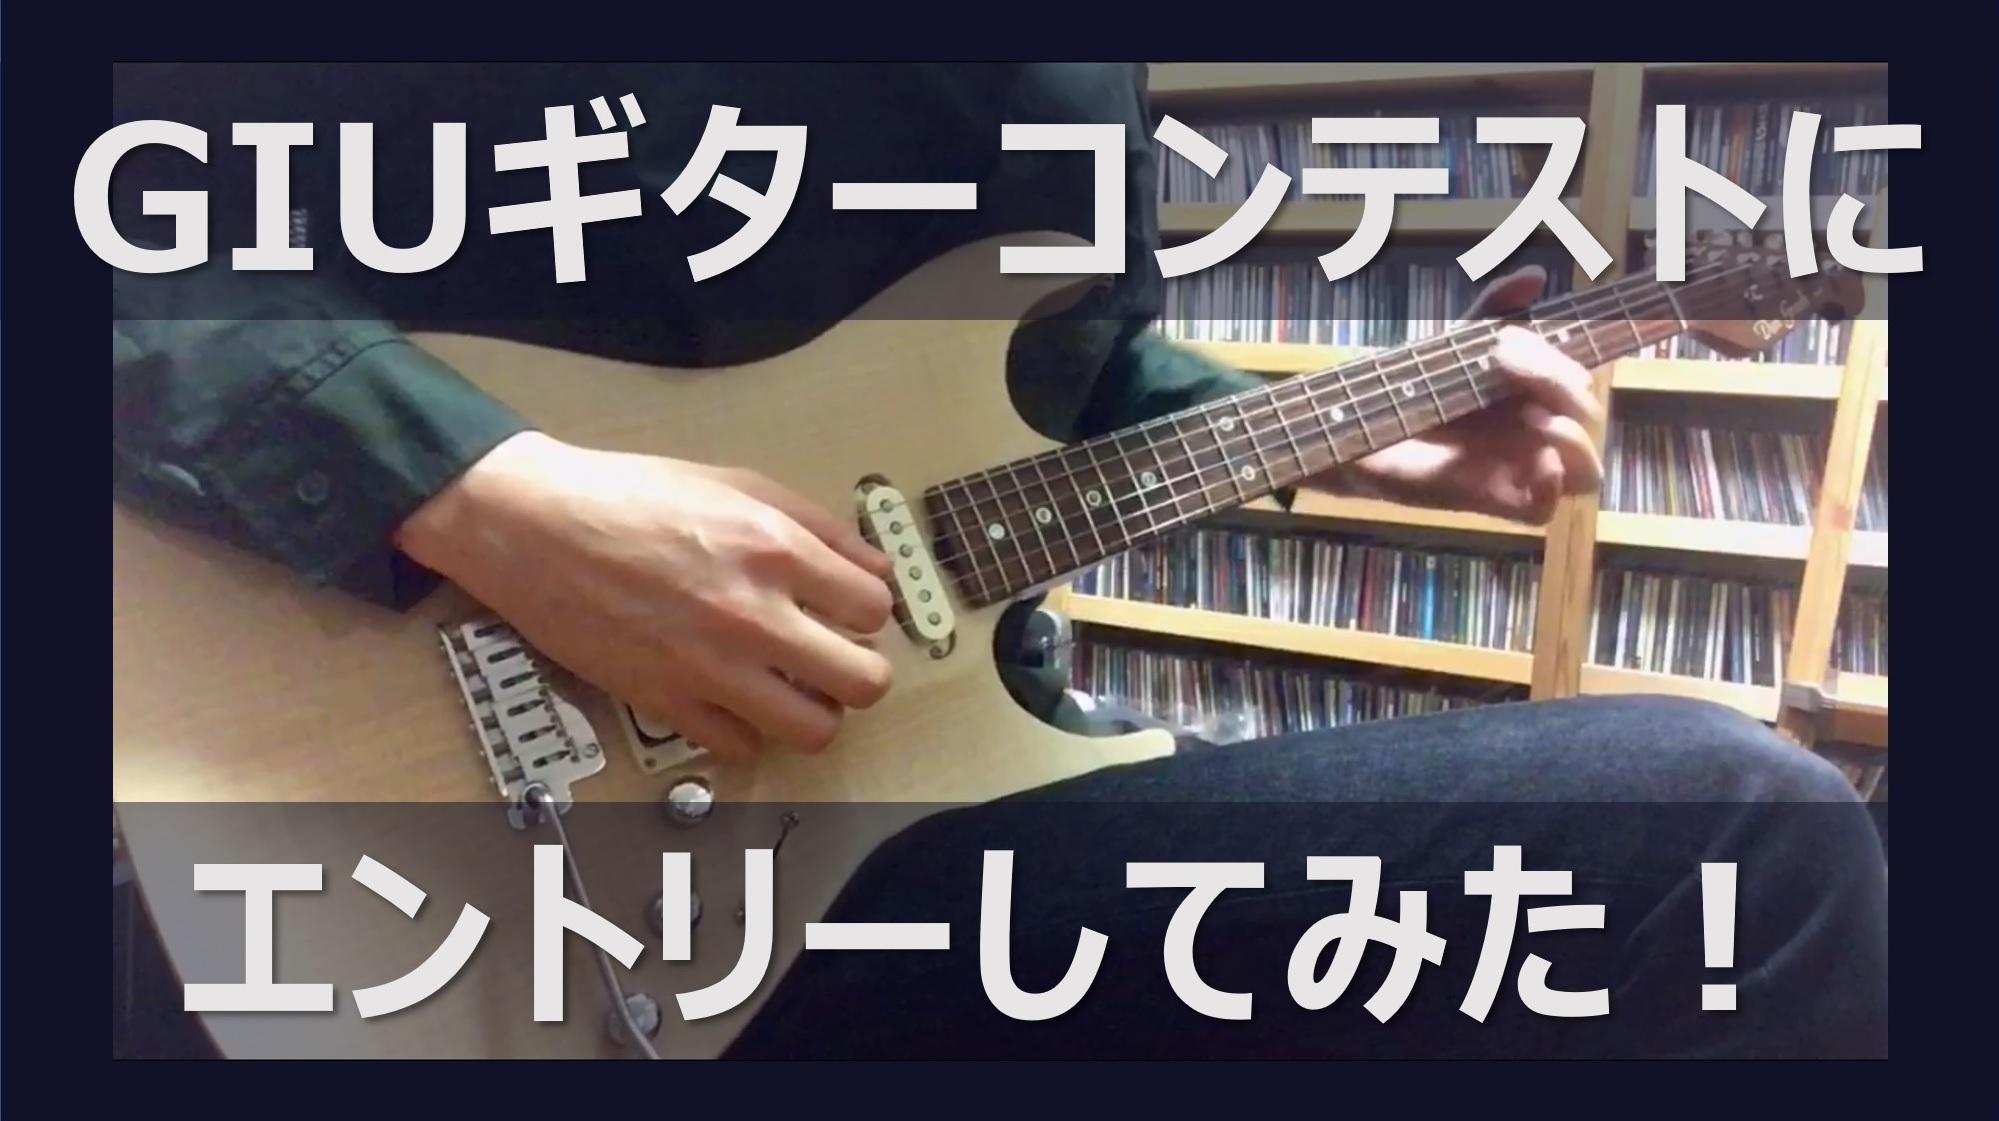 GIUギターコンテスト